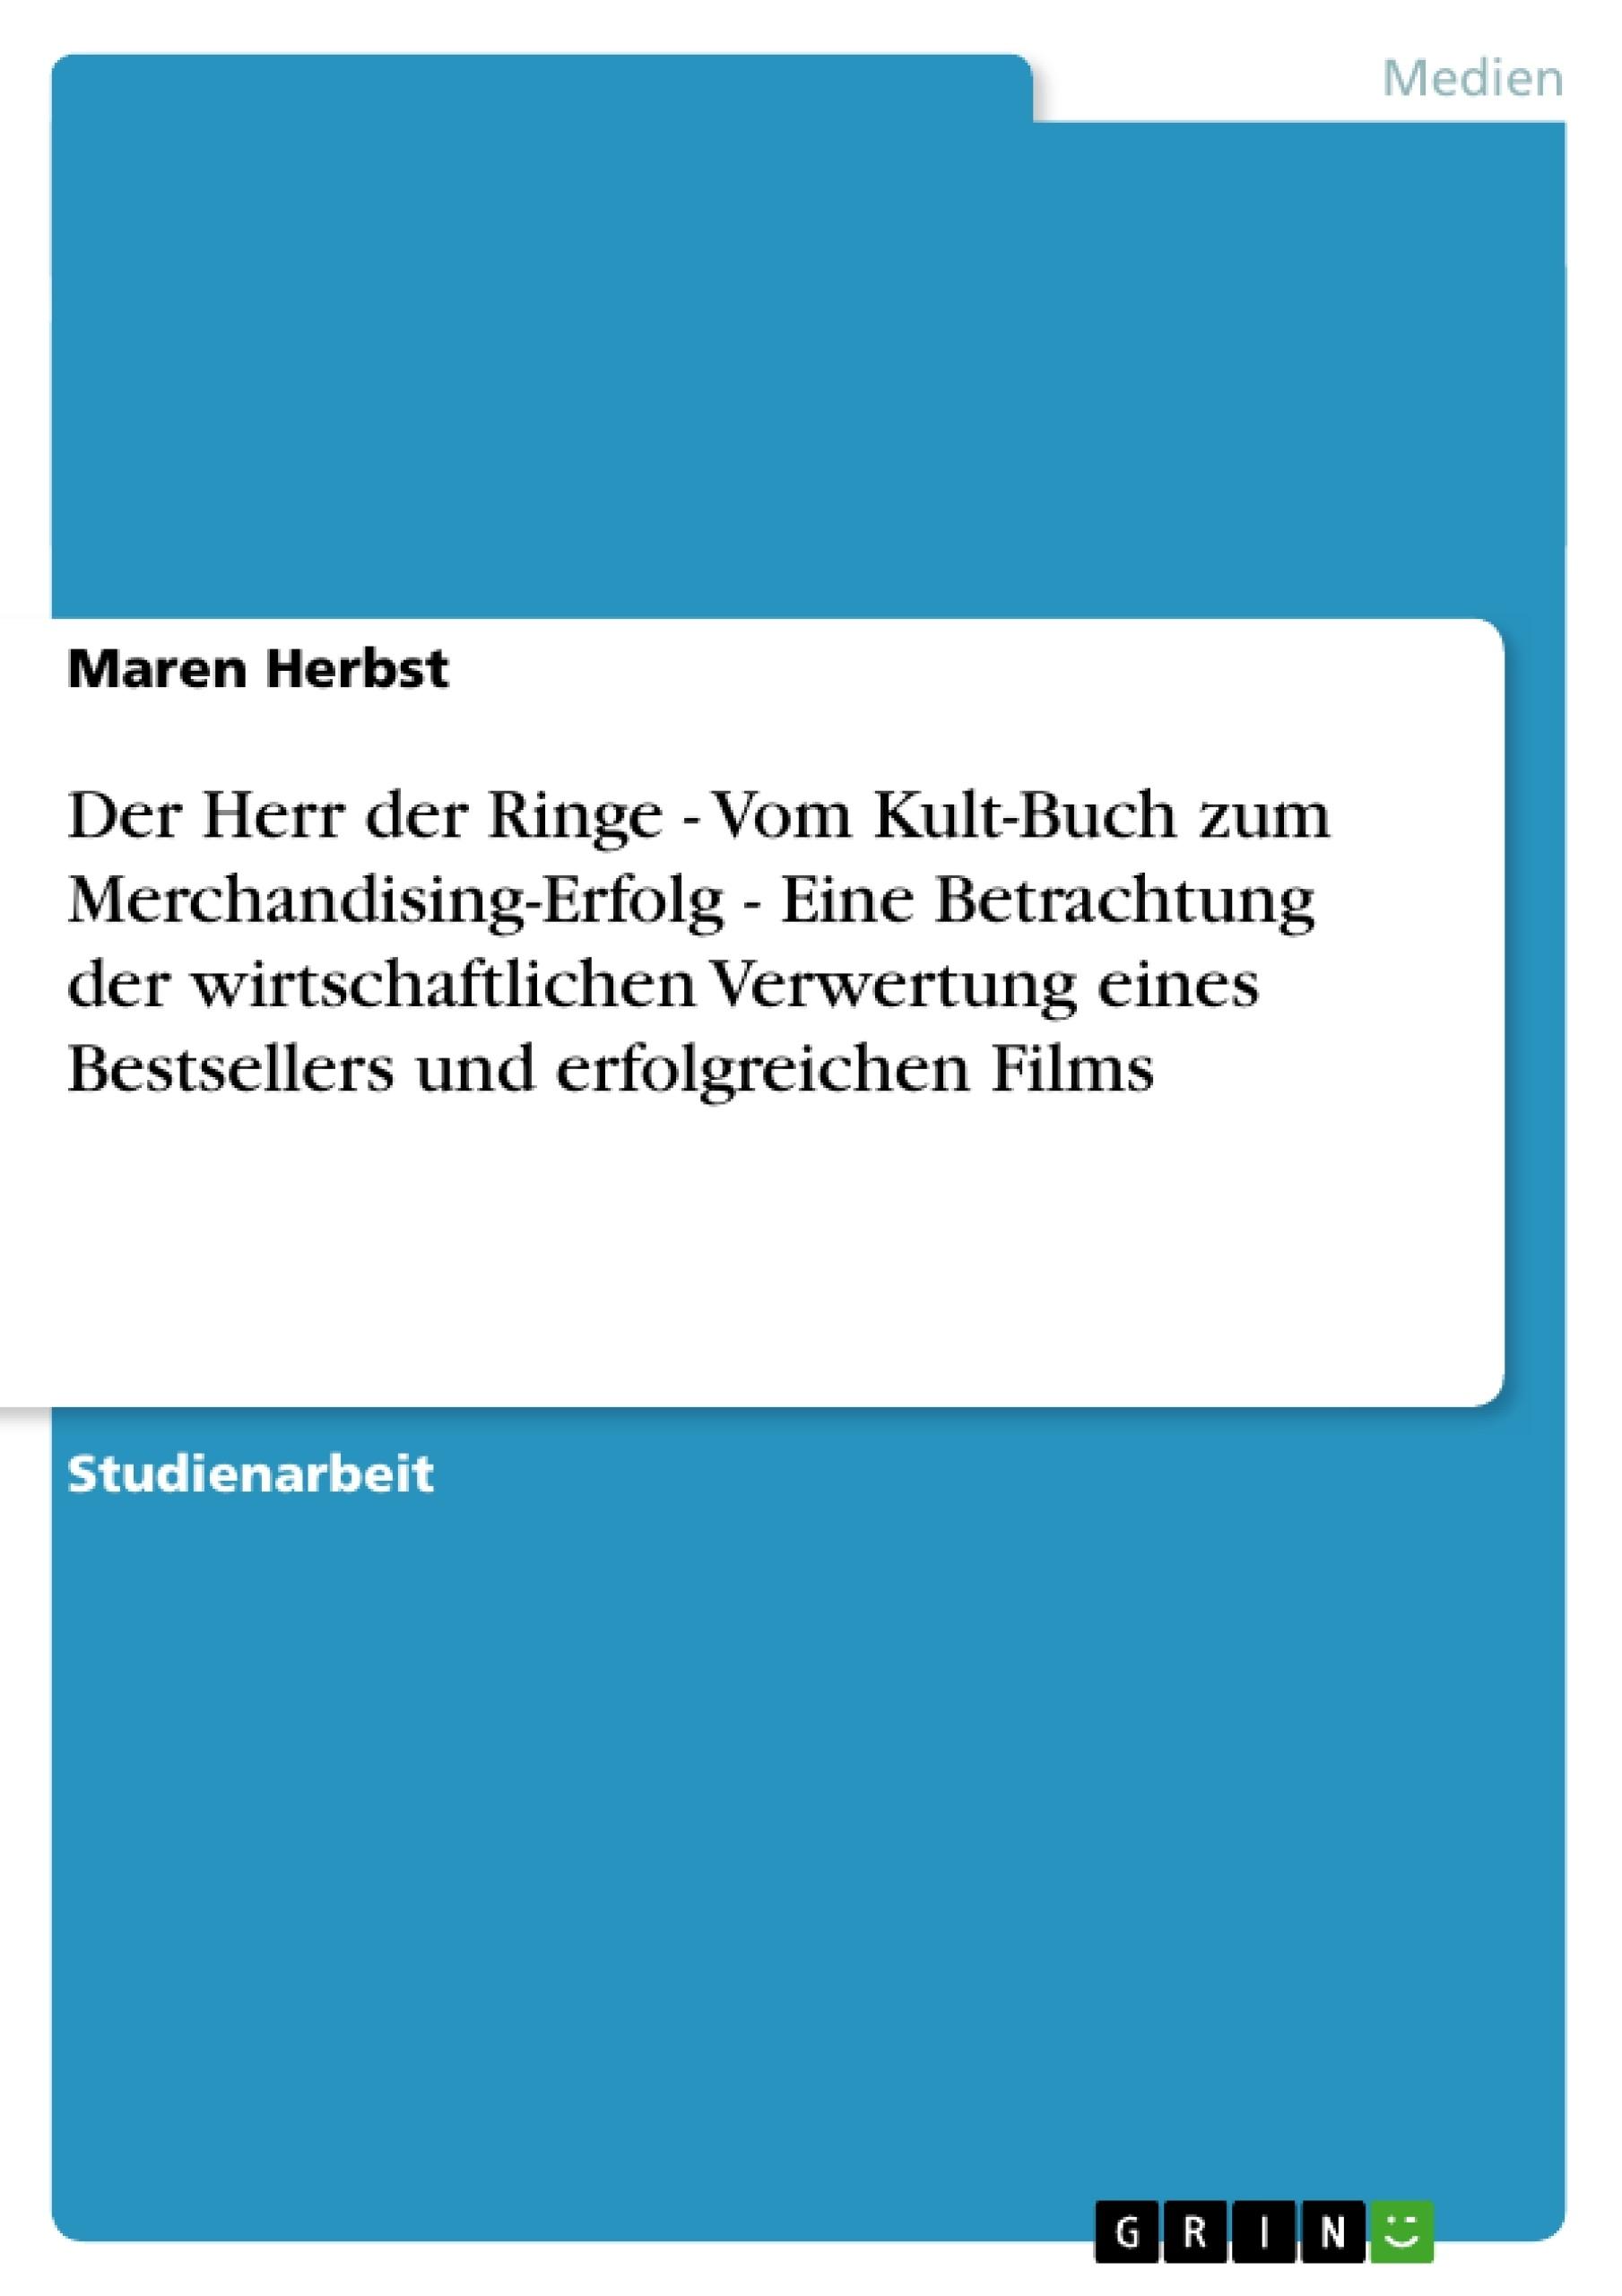 Titel: Der Herr der Ringe - Vom Kult-Buch zum Merchandising-Erfolg - Eine Betrachtung der wirtschaftlichen Verwertung eines Bestsellers und erfolgreichen Films